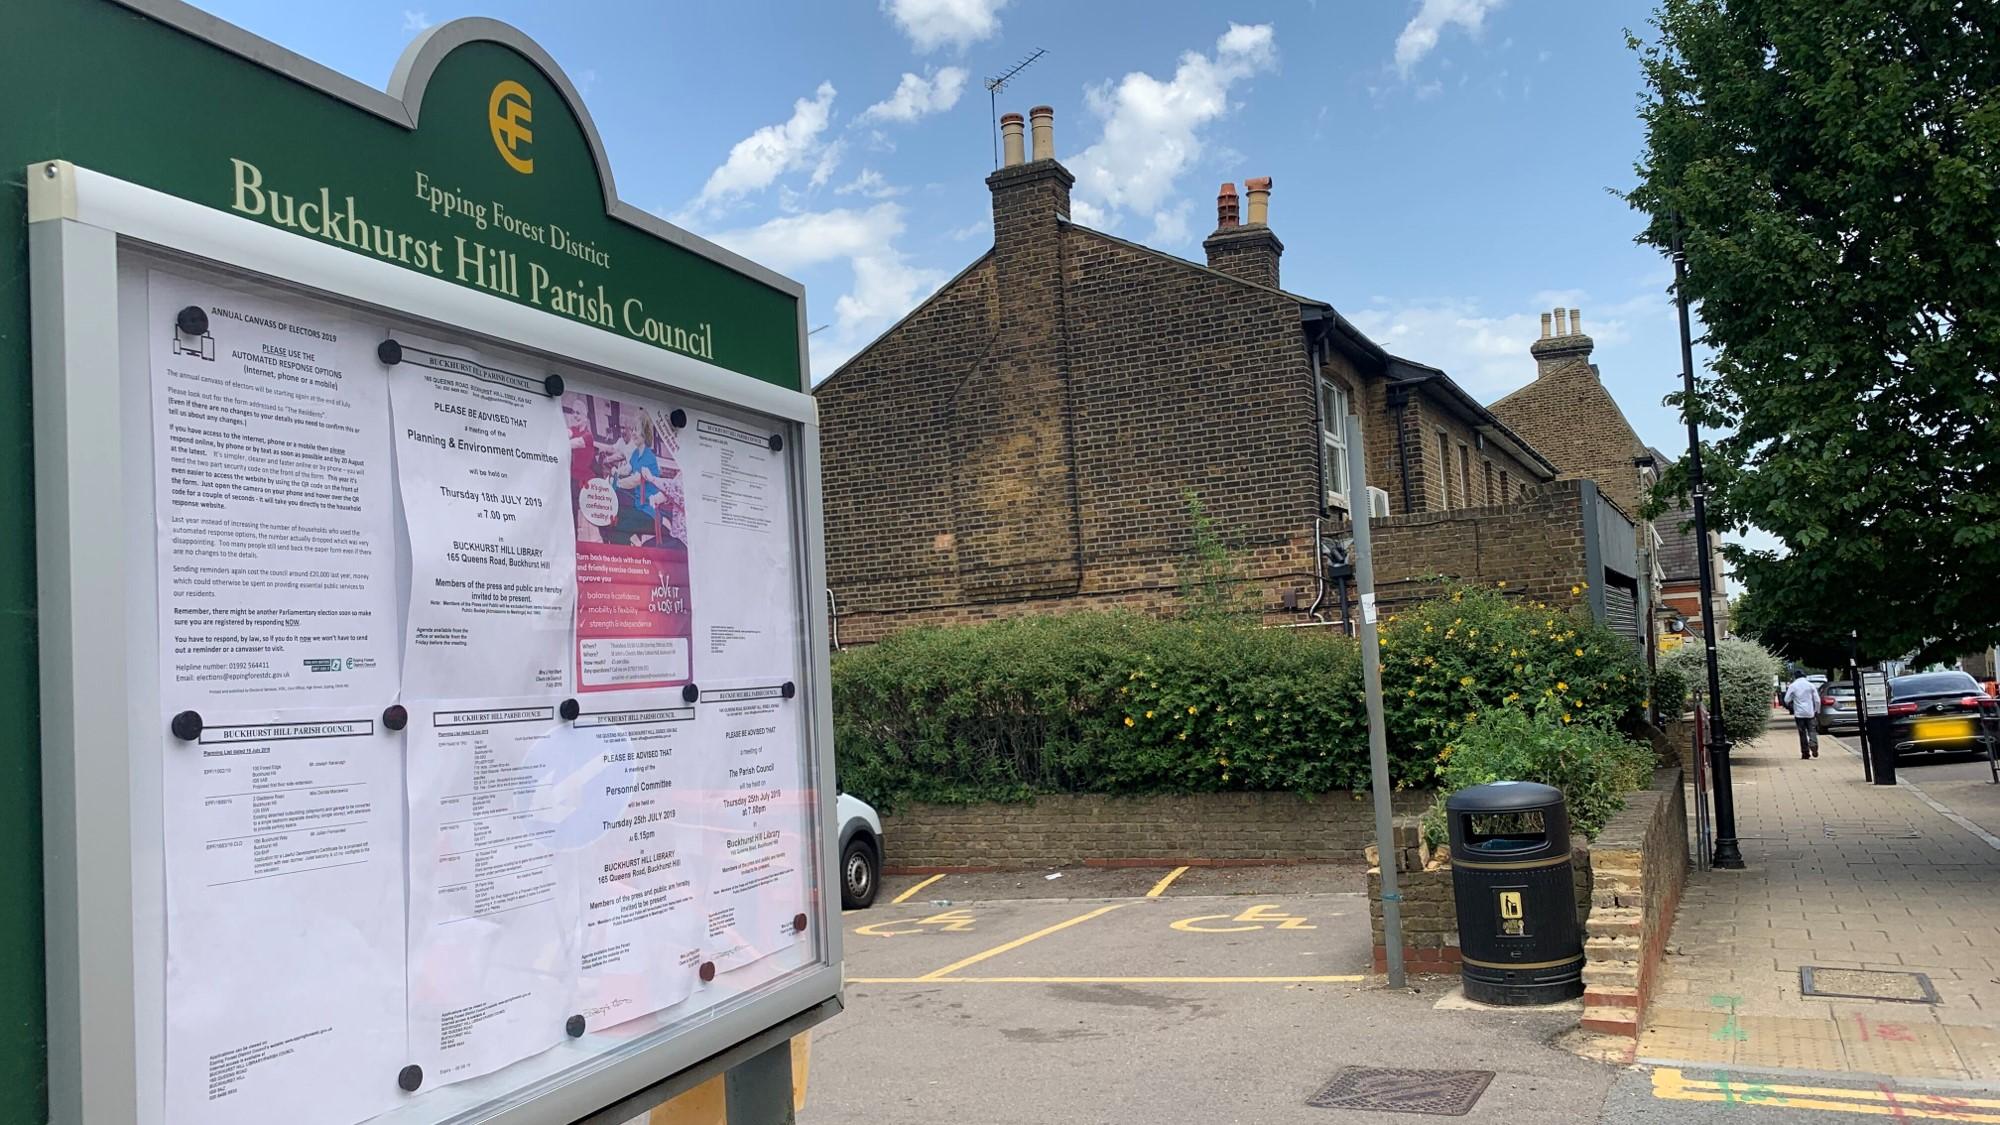 Buckhurst-Hill-Parish-Council-Noticeboard-Queens-Road.jpeg